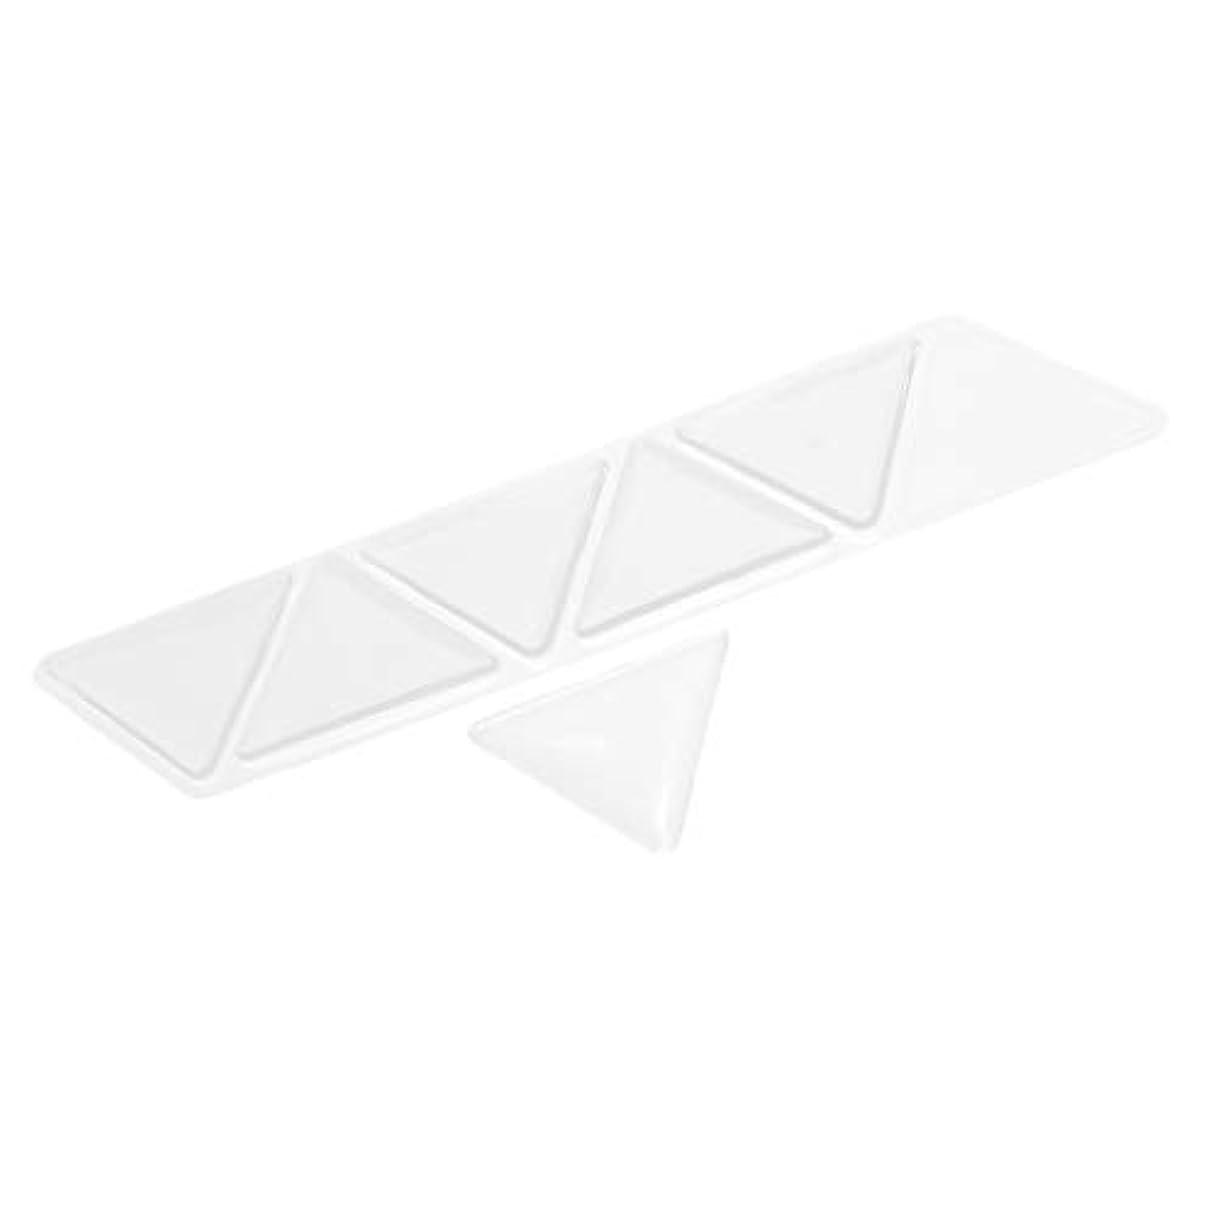 亜熱帯平和ボス額パッド スキンケアパッド アンチリンクル シリコン 三角パッド 再使用可能な